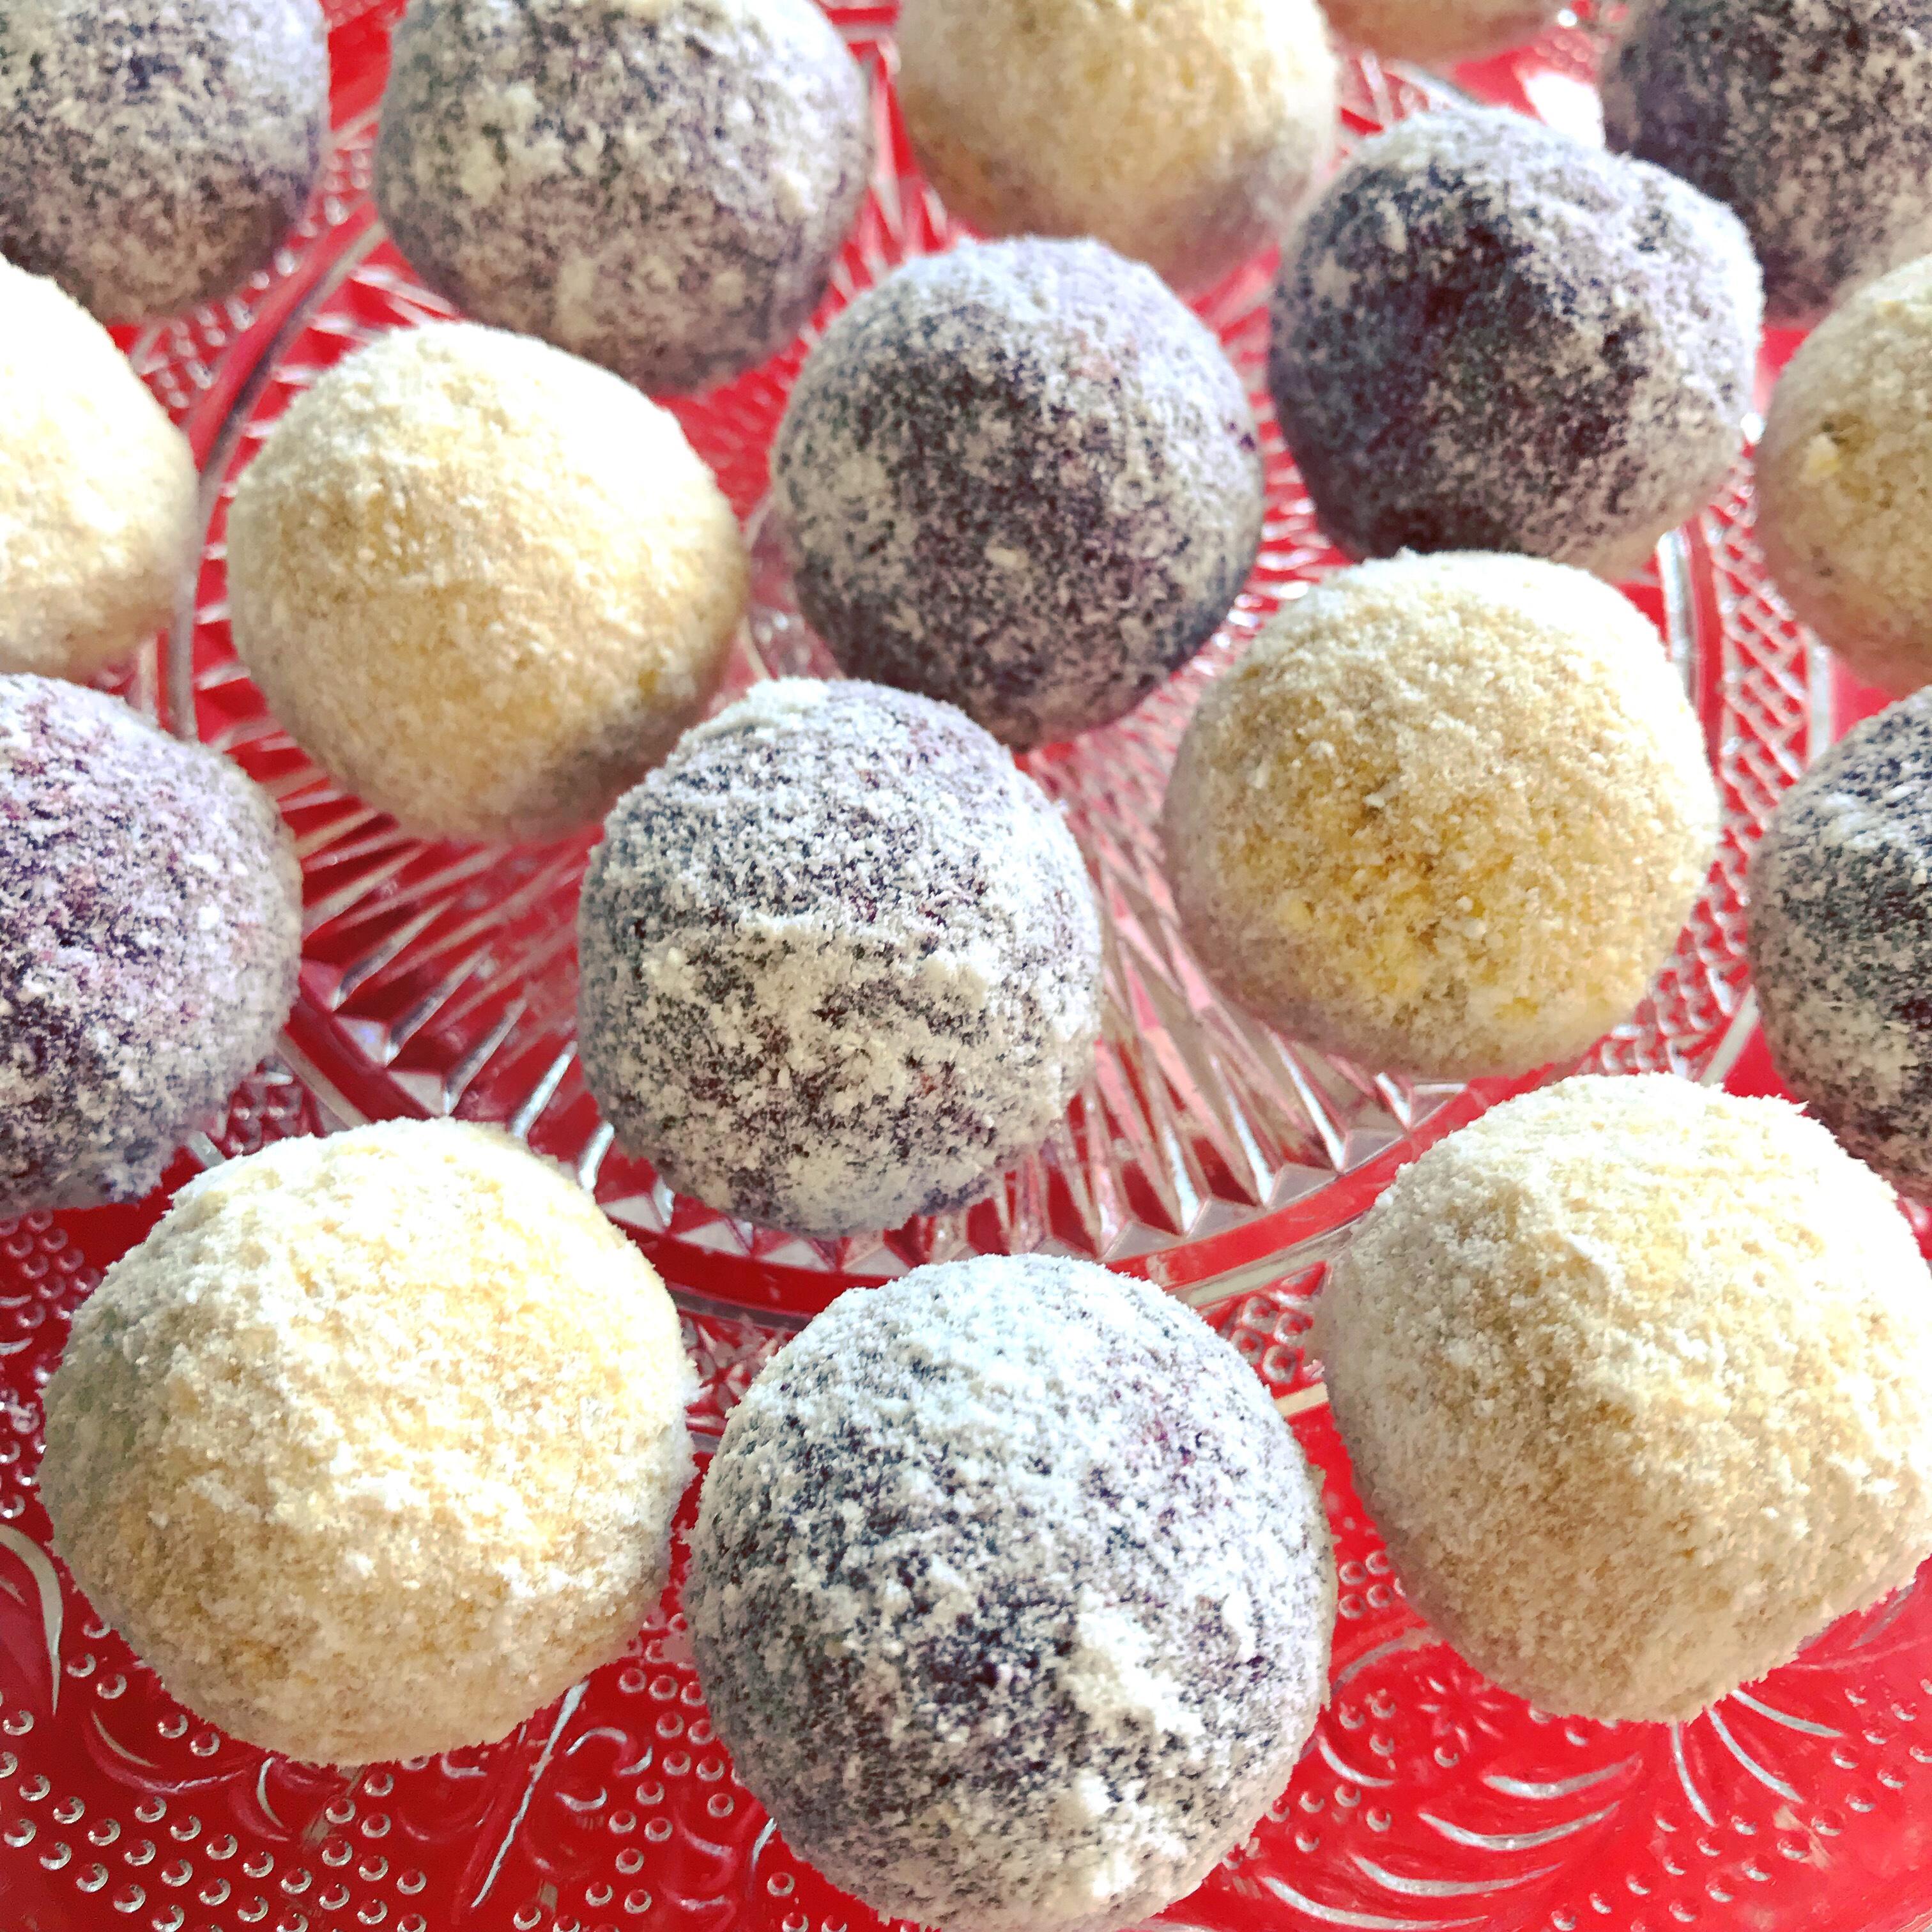 Blåbärsbollar och mangobollar